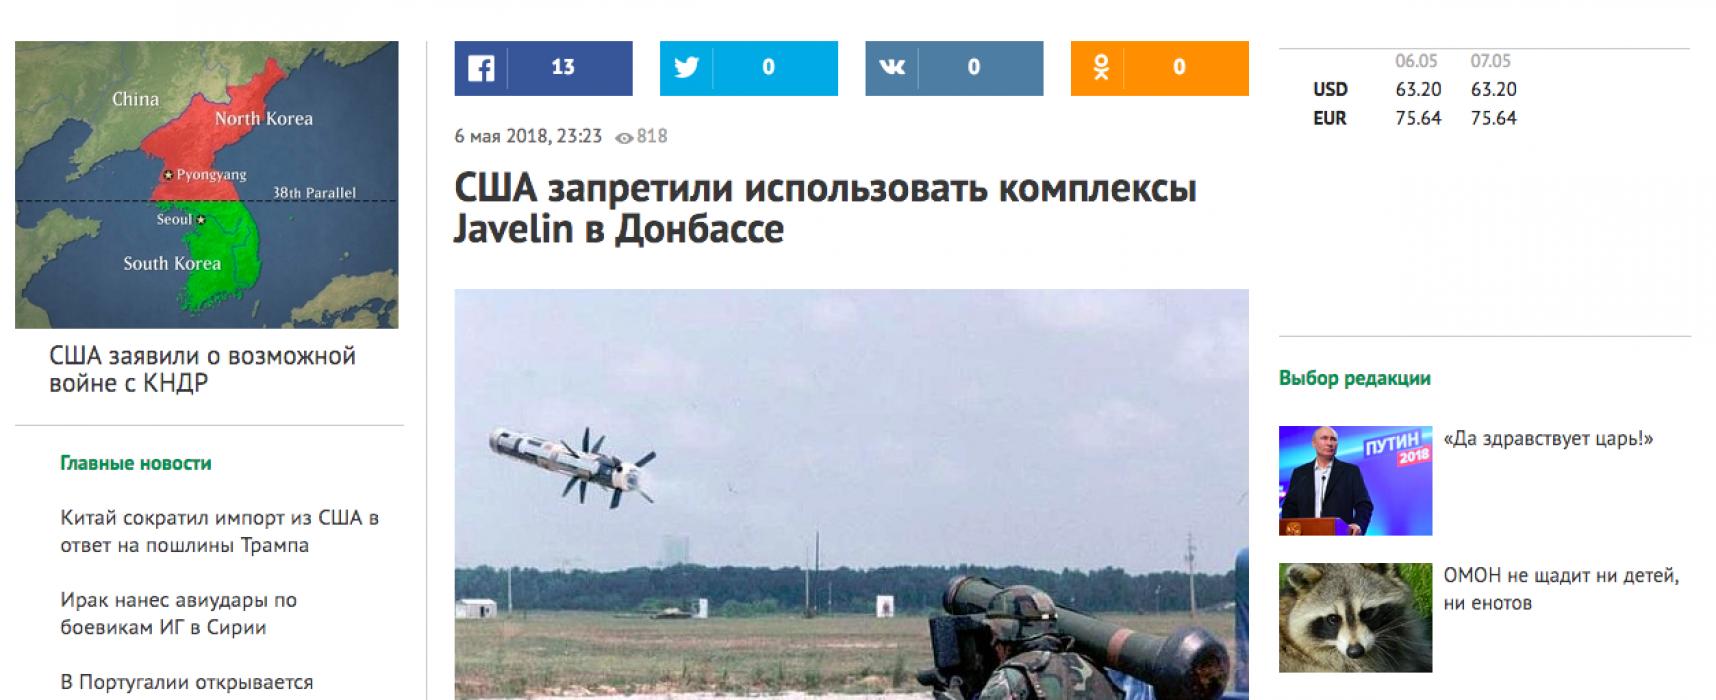 Маніпуляція: США заборонили Києву використовувати на Донбасі нове озброєння